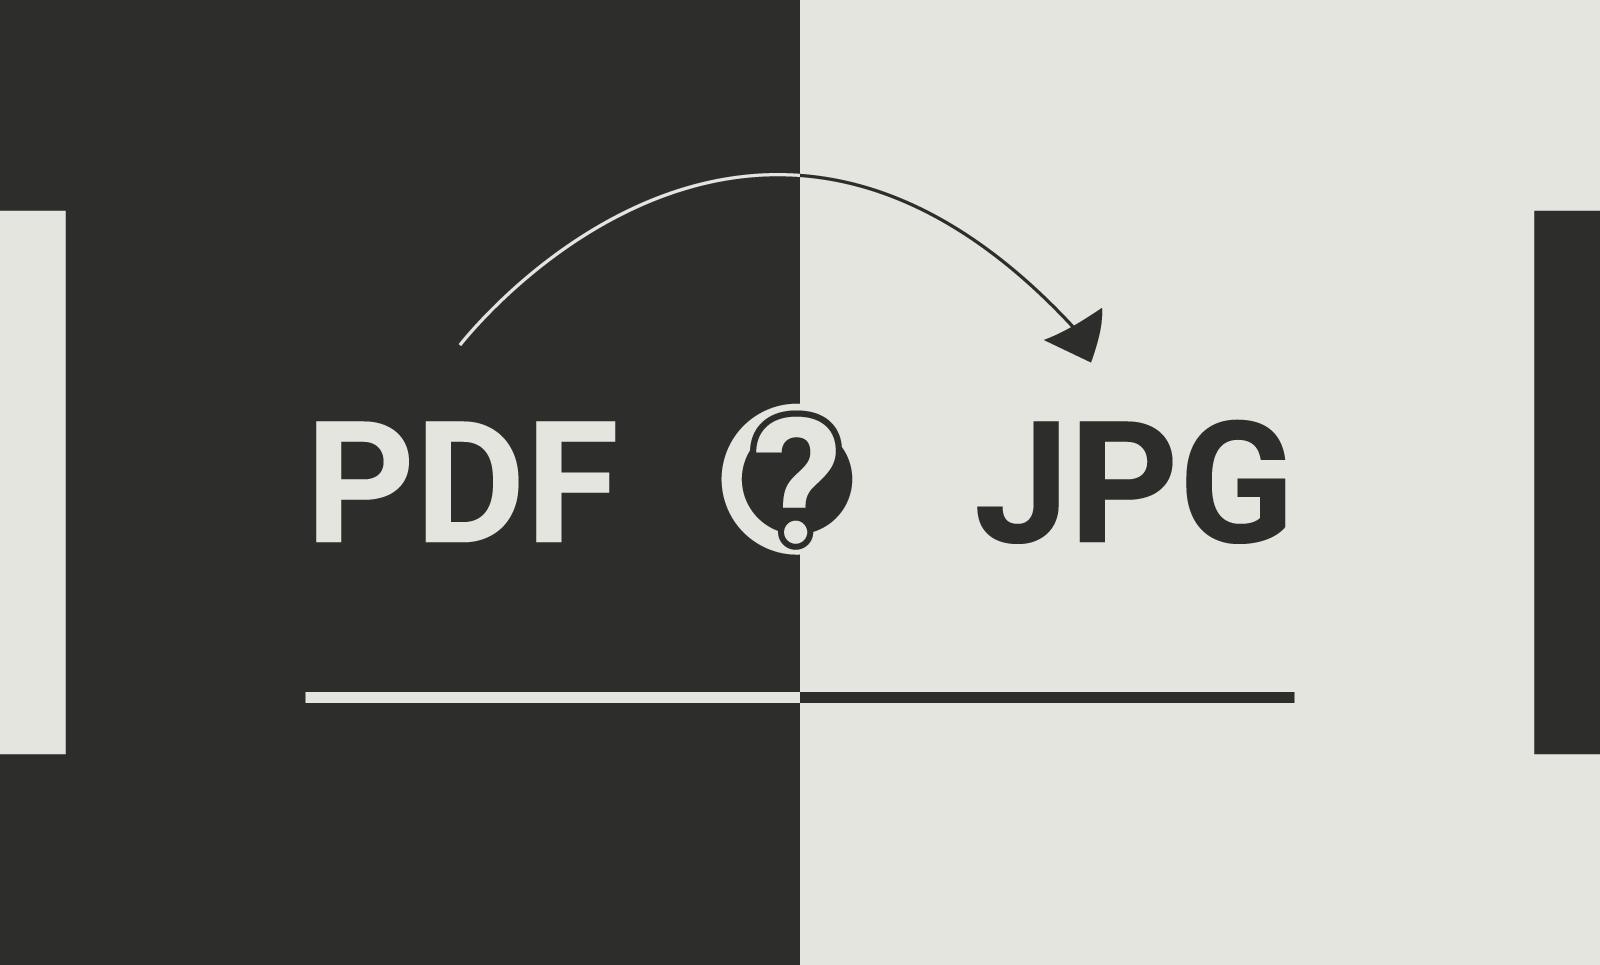 PDF vers JPG